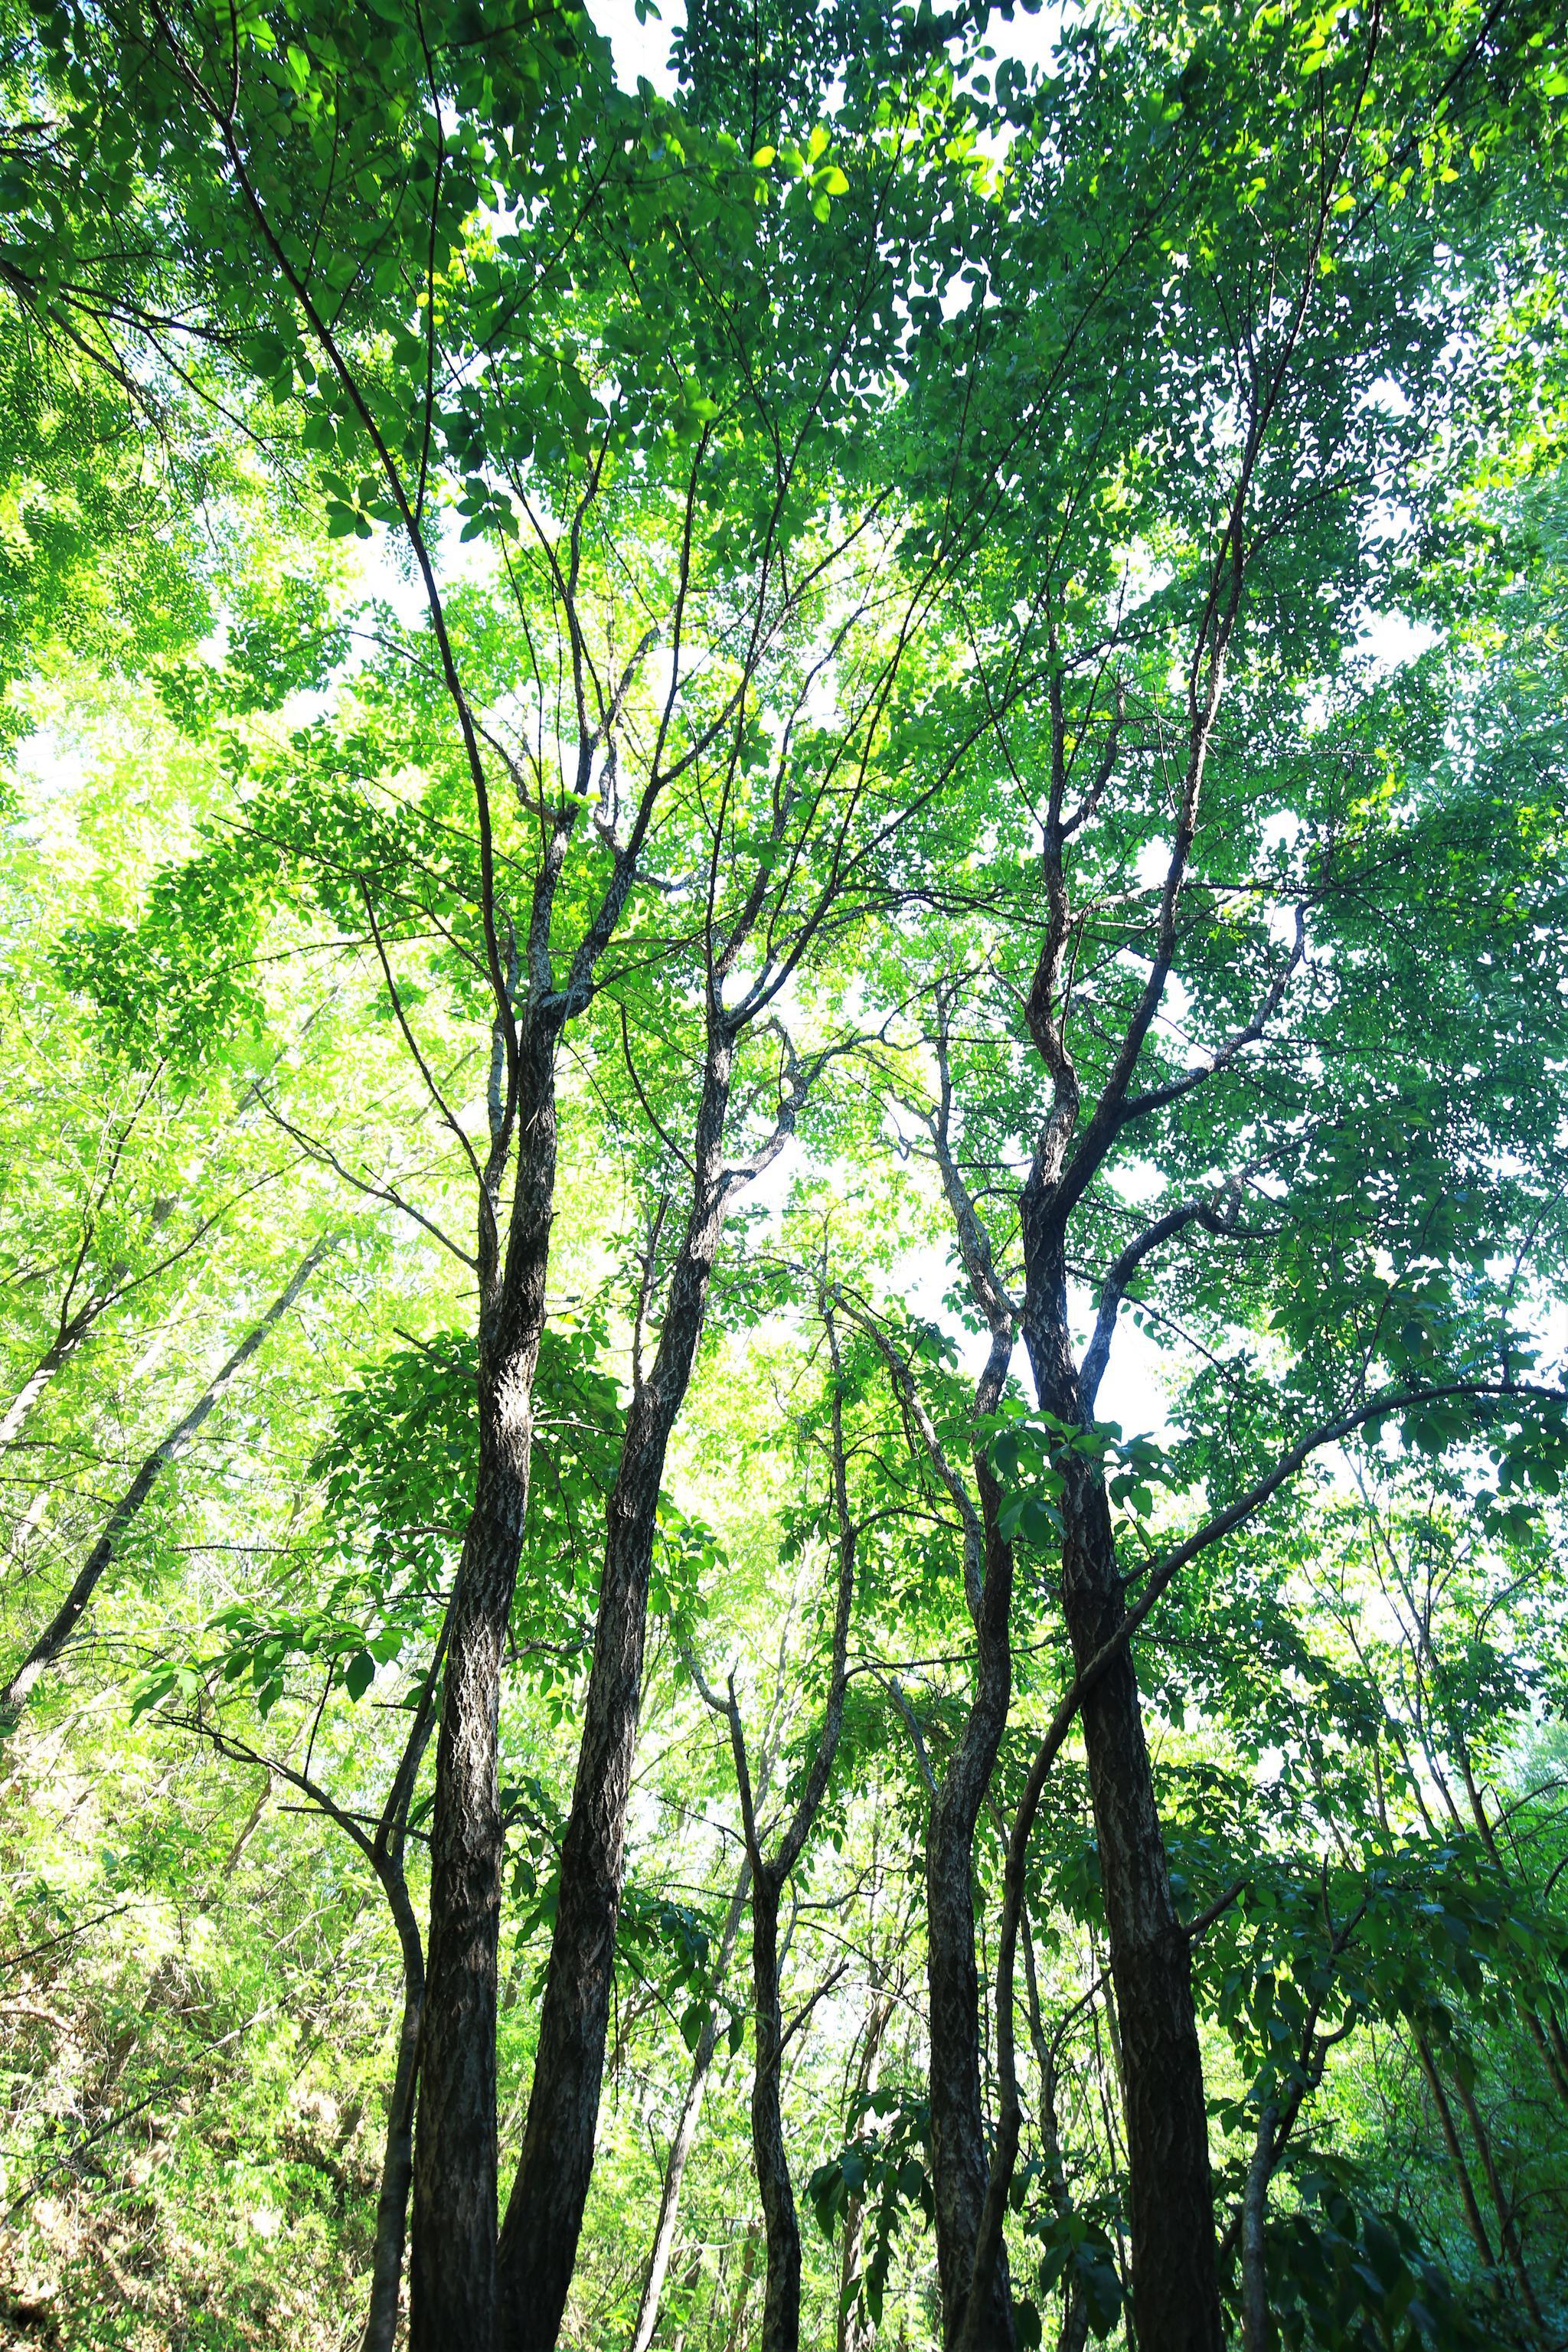 古树见证生态文明成效 美丽乡村嬗变图片